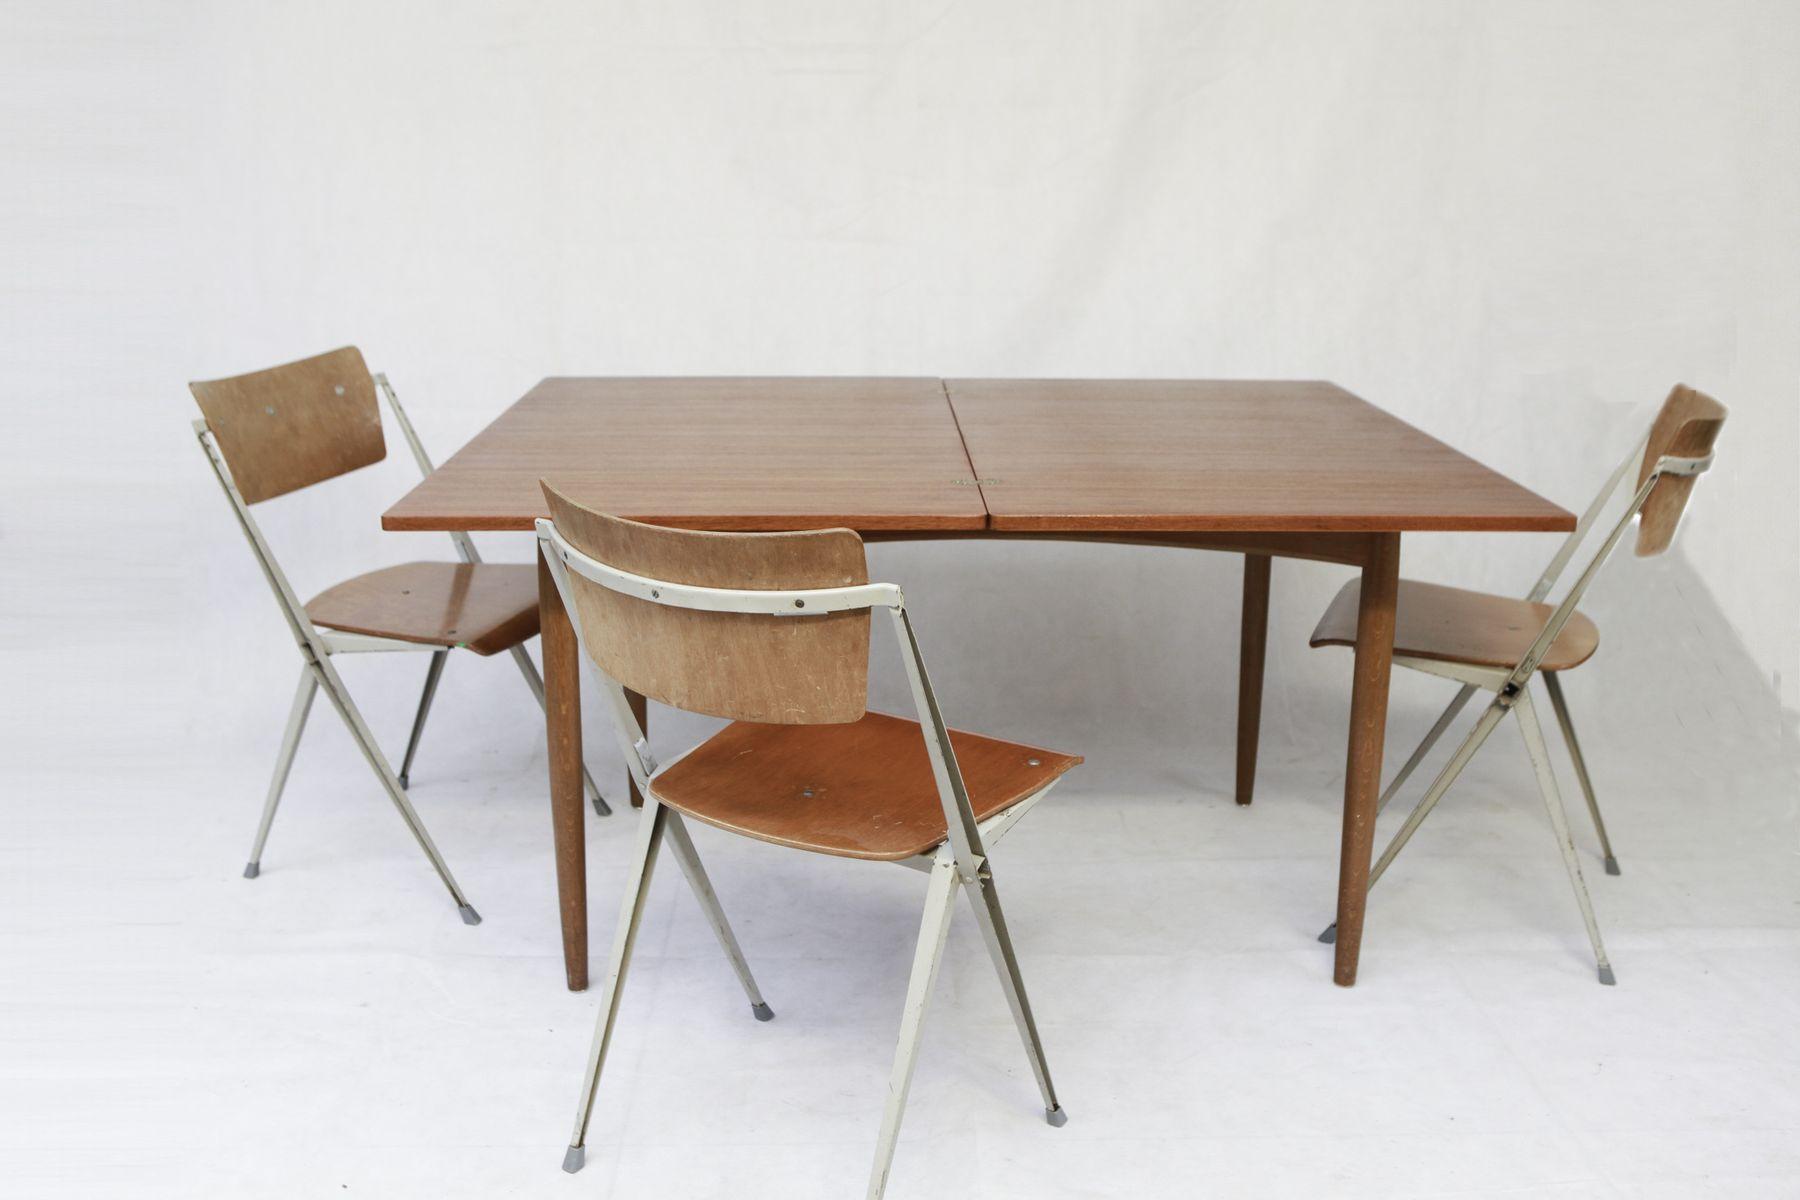 ausziehbarer skandinavischer esstisch in teak bei pamono kaufen. Black Bedroom Furniture Sets. Home Design Ideas